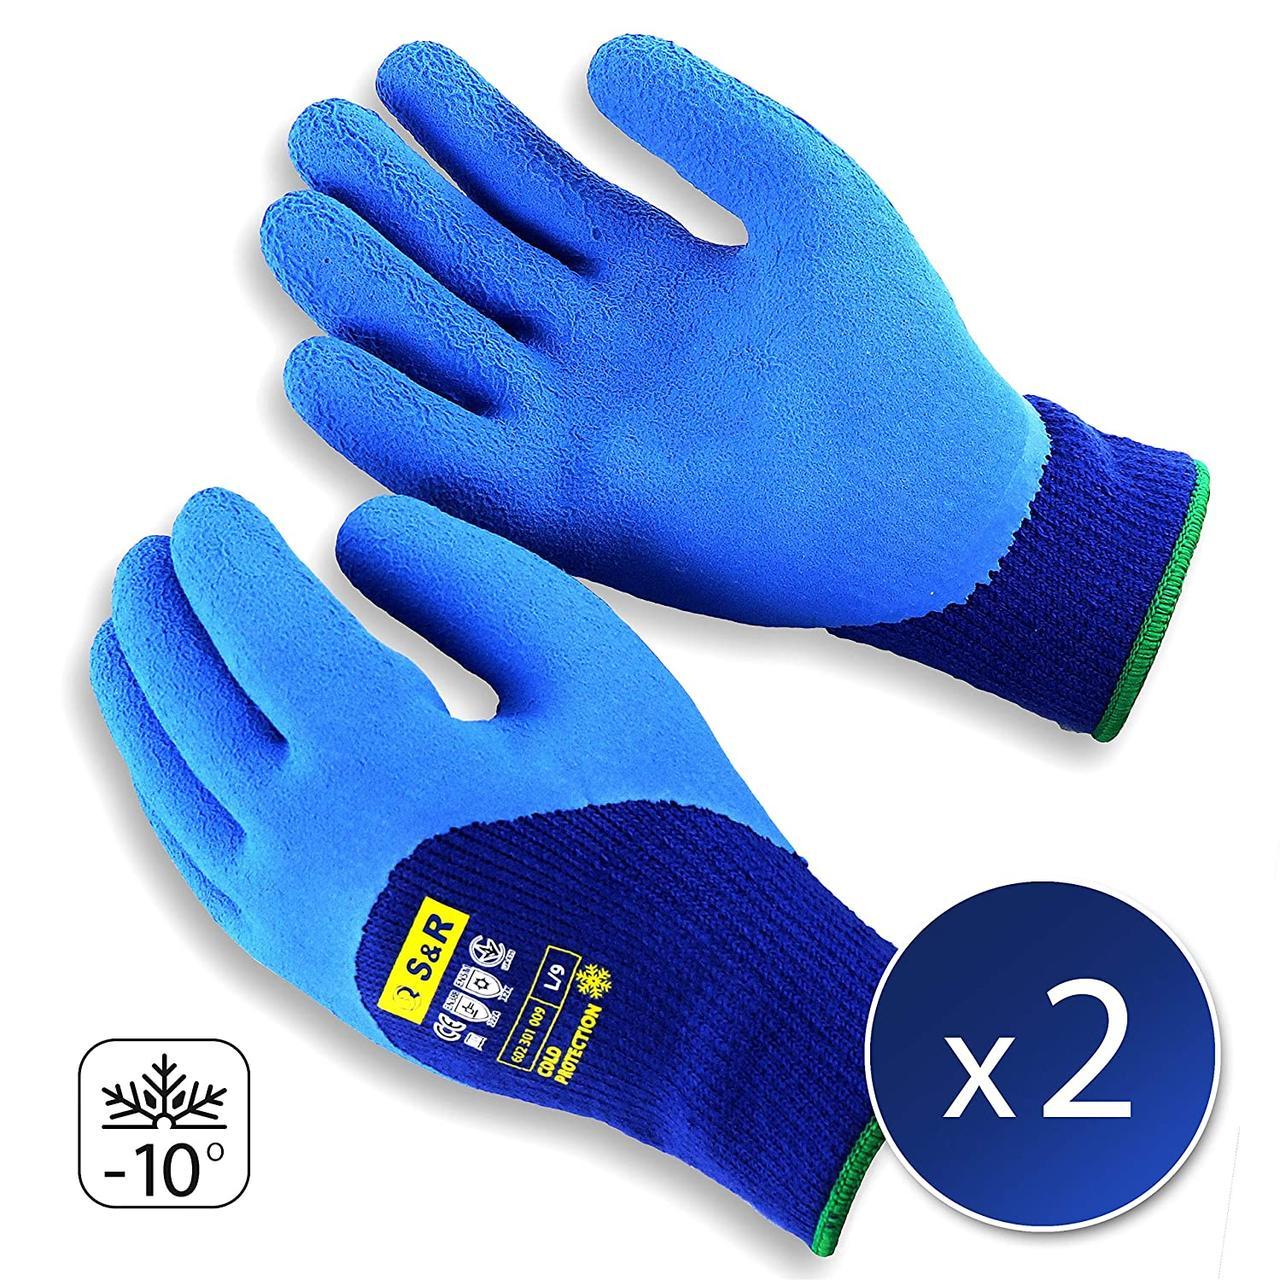 Термозащищенные рабочие защитные перчатки S&R с латексным покрытием 2 пары 10